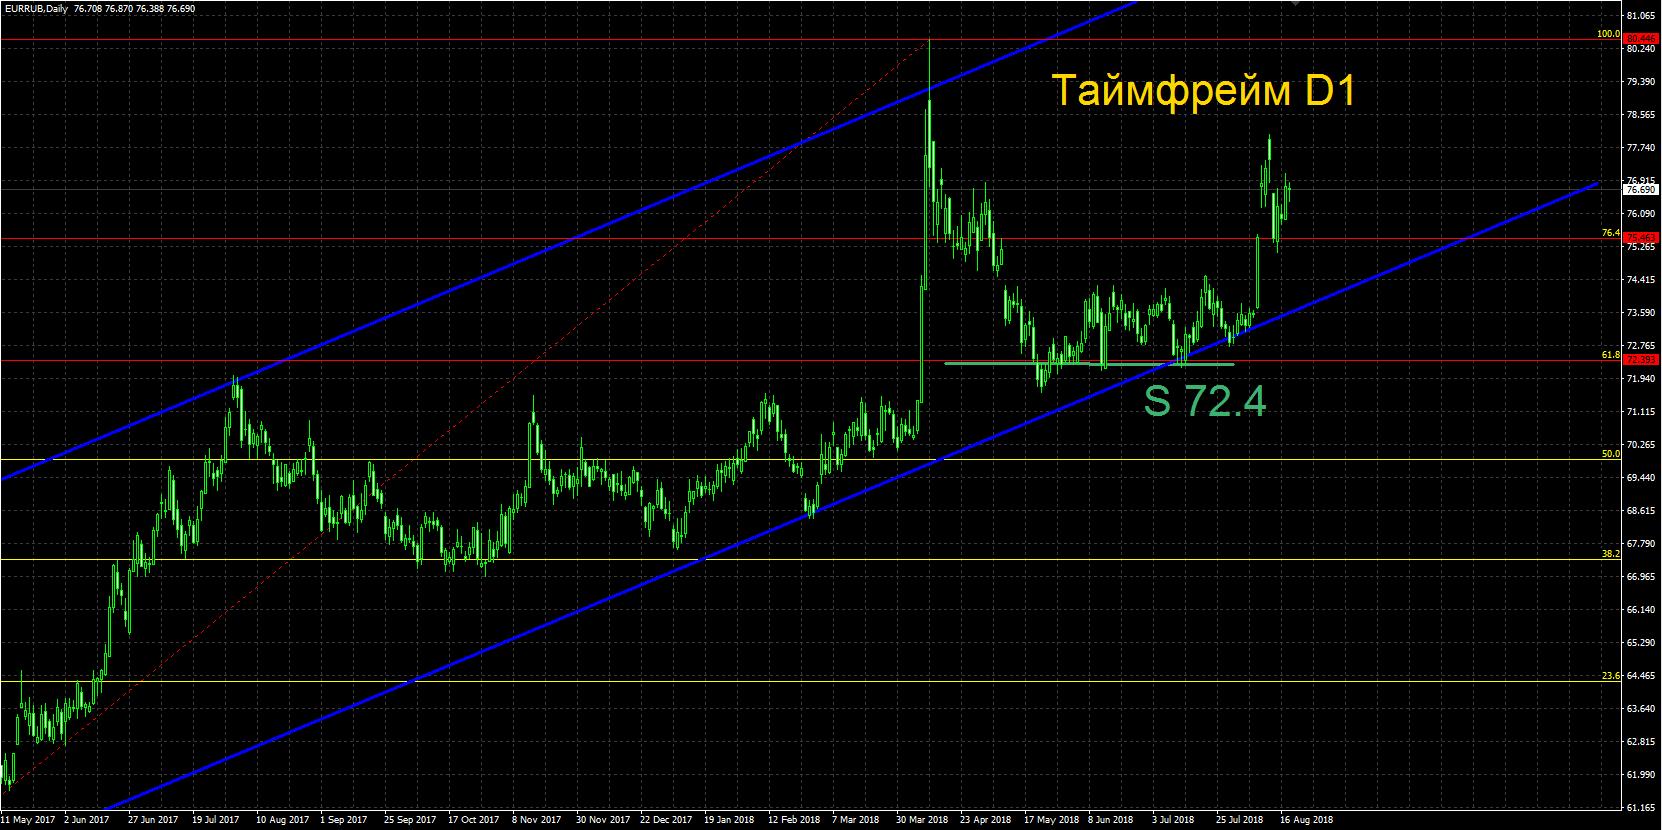 Какие перспективы у рубля в преддверии новых санкций США?